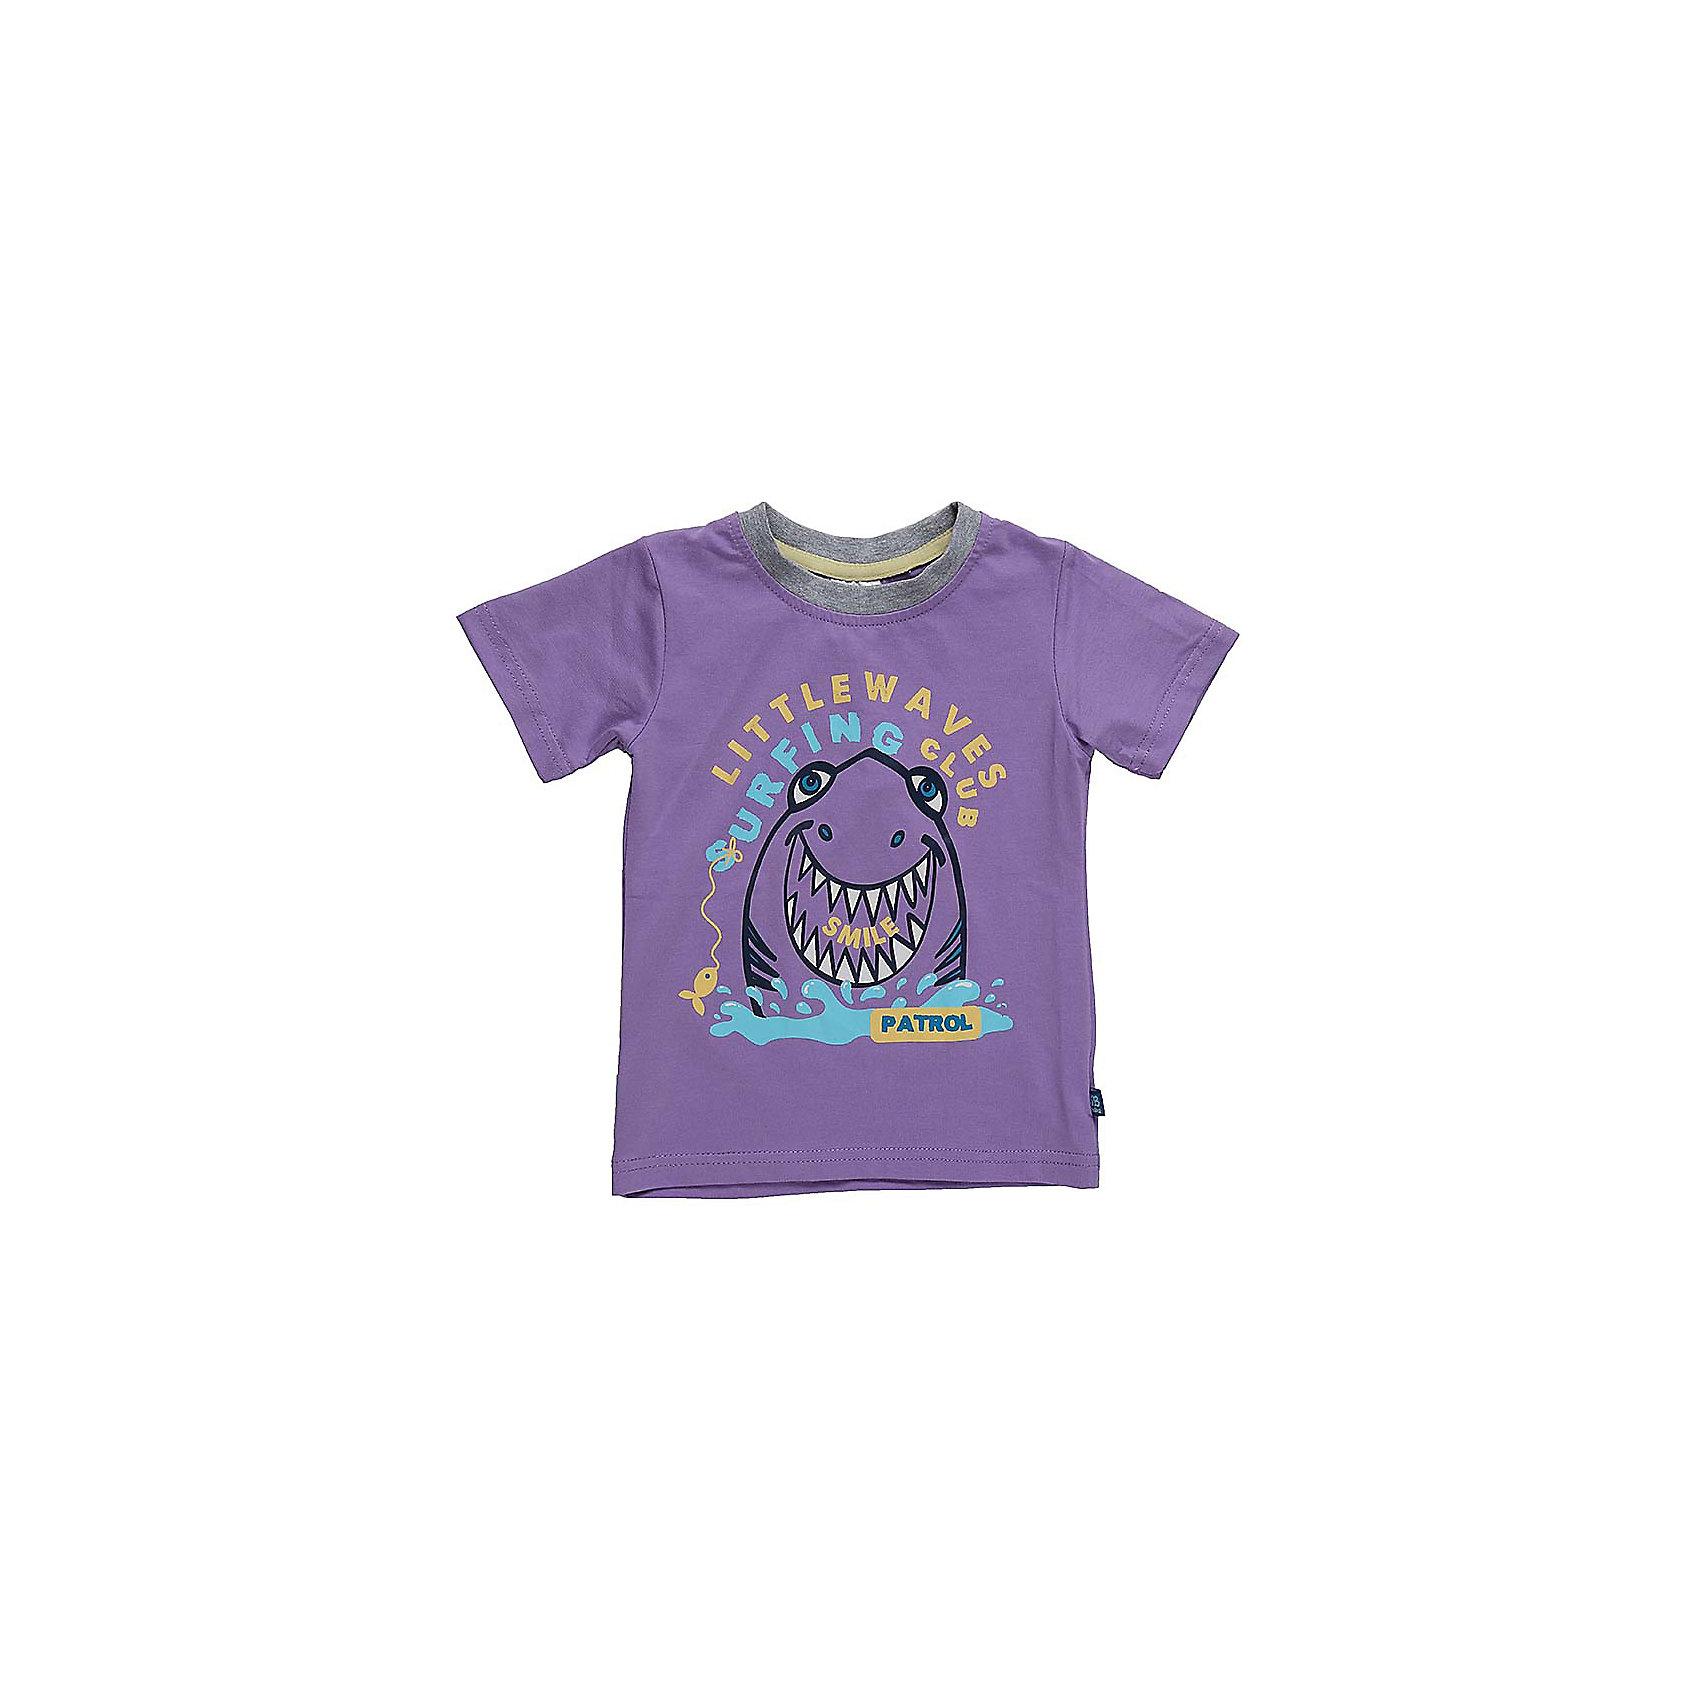 Футболка для мальчика Sweet BerryФутболки, топы<br>Классическая футболка сиреневого цвета с тематическим принтом в морском стиле. Горловина обработана контрастным кантом.<br>Состав:<br>95%хлопок 5%эластан<br><br>Ширина мм: 199<br>Глубина мм: 10<br>Высота мм: 161<br>Вес г: 151<br>Цвет: лиловый<br>Возраст от месяцев: 12<br>Возраст до месяцев: 15<br>Пол: Мужской<br>Возраст: Детский<br>Размер: 80,86,92,98<br>SKU: 5411630